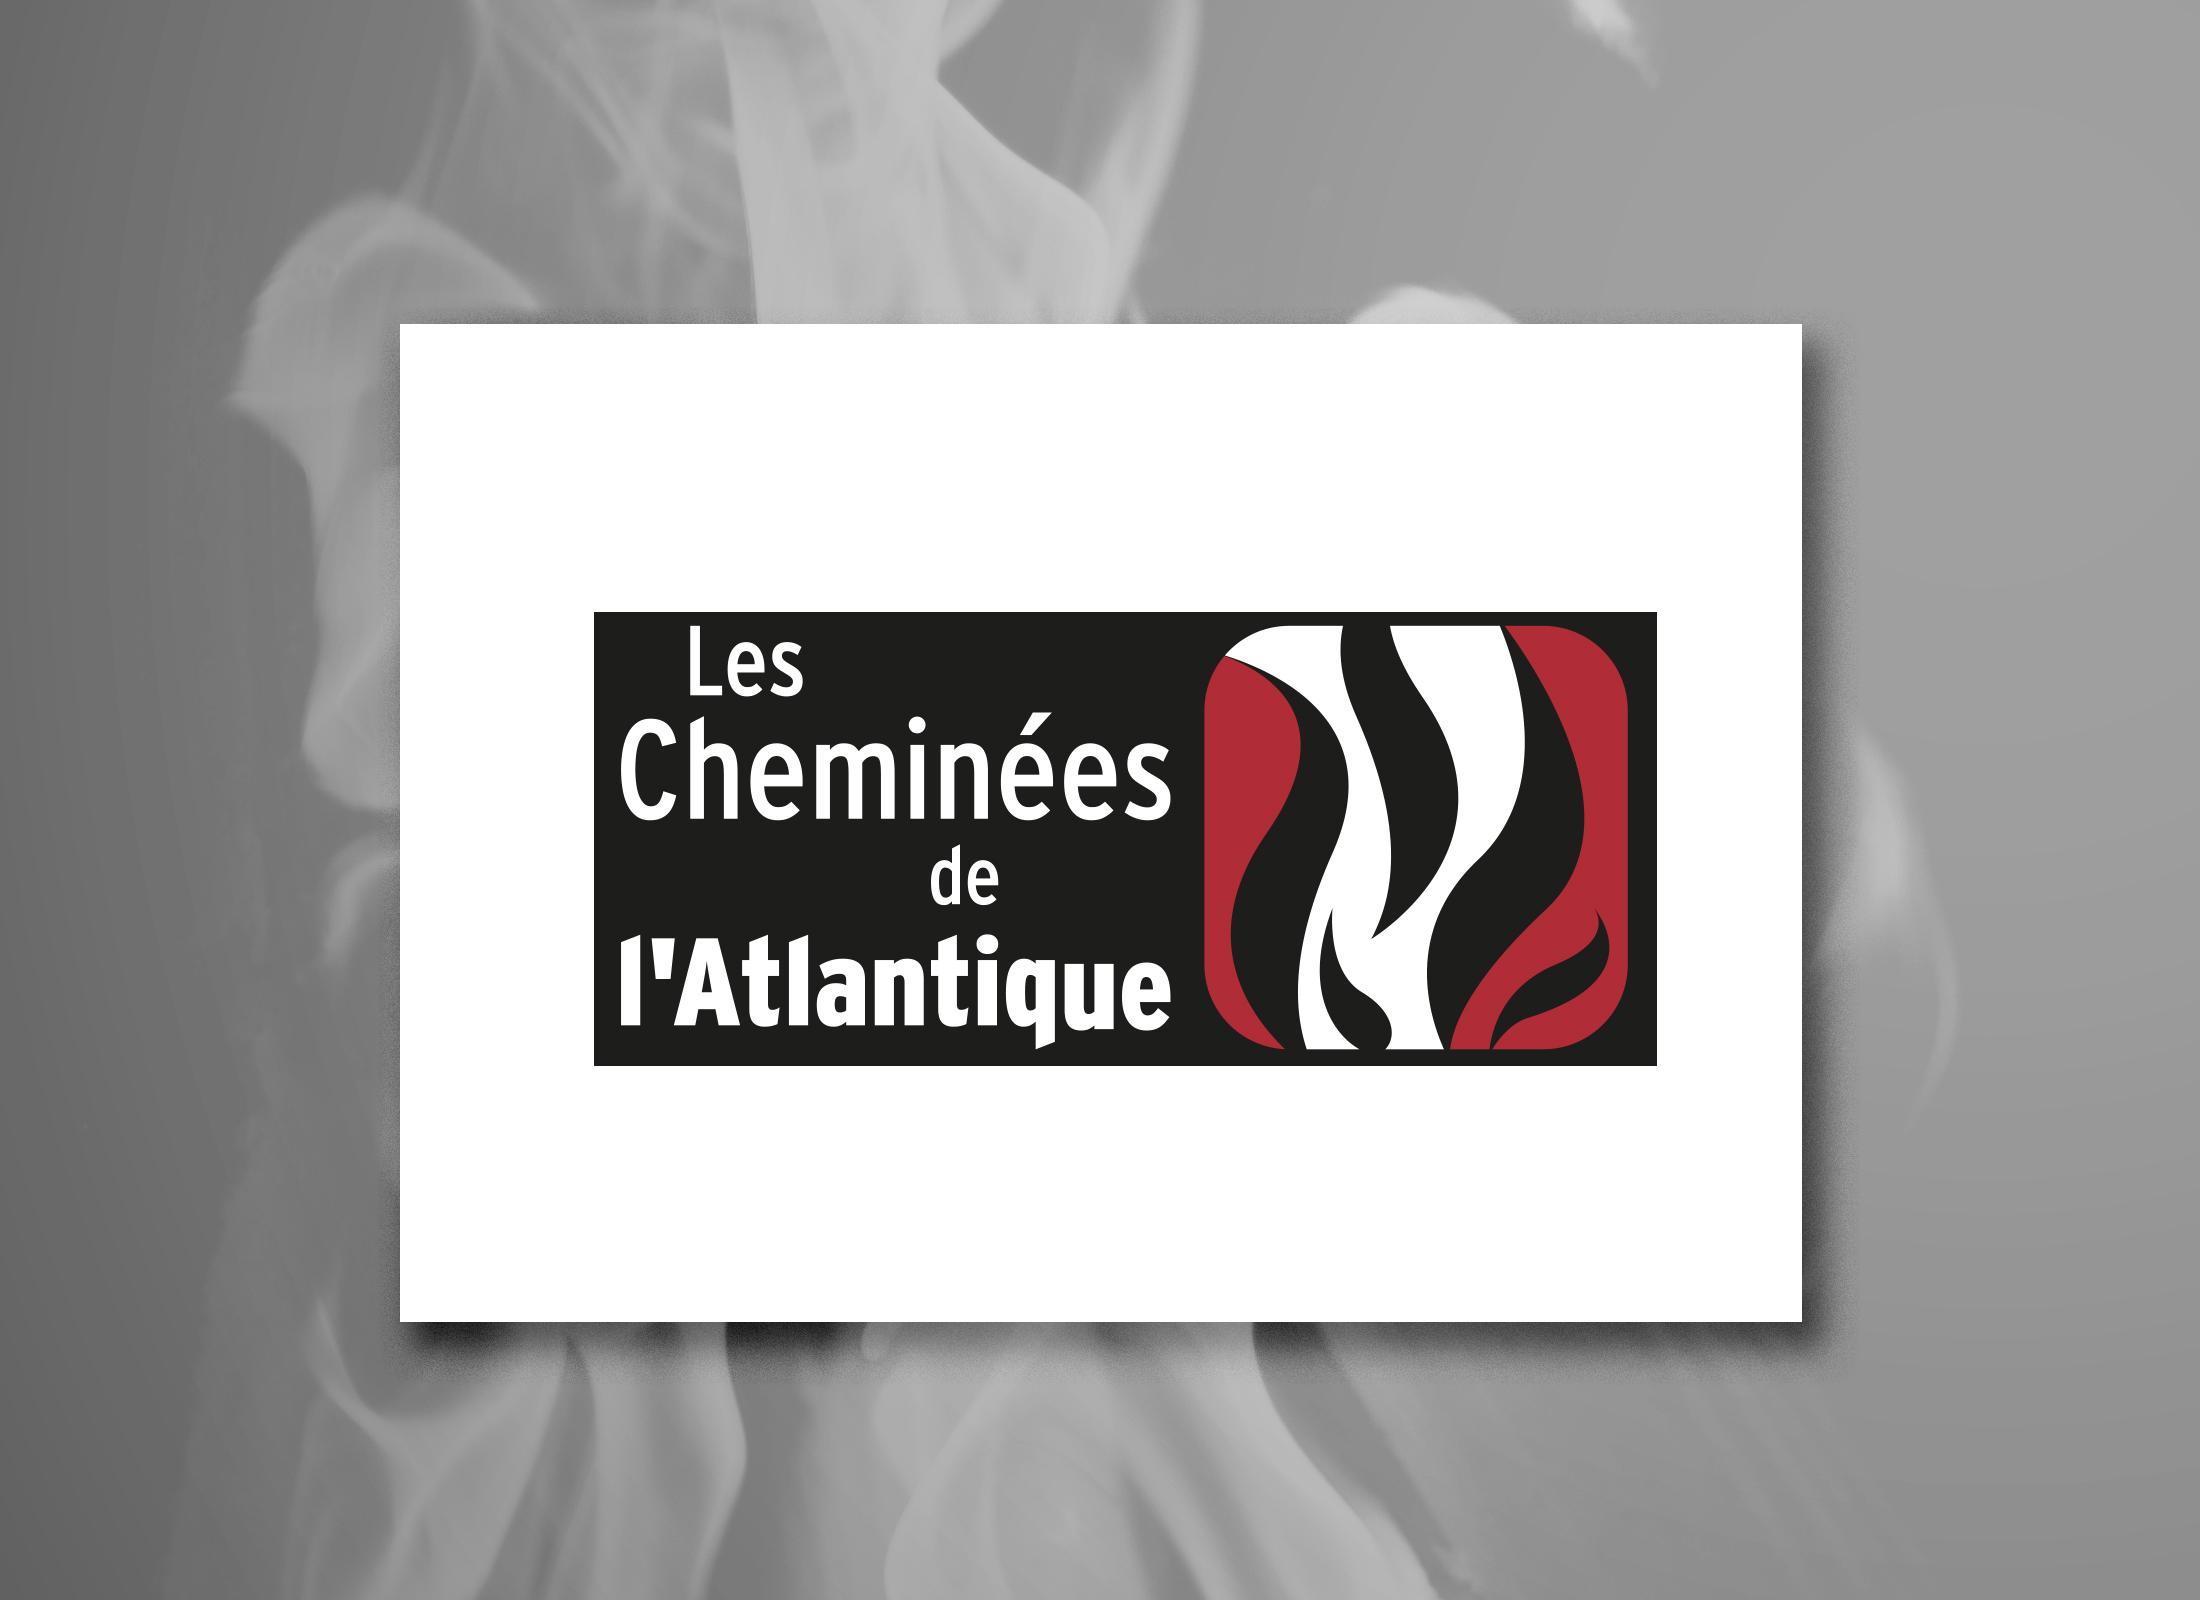 LES CHEMINÉES DE L'ATLANTIQUE